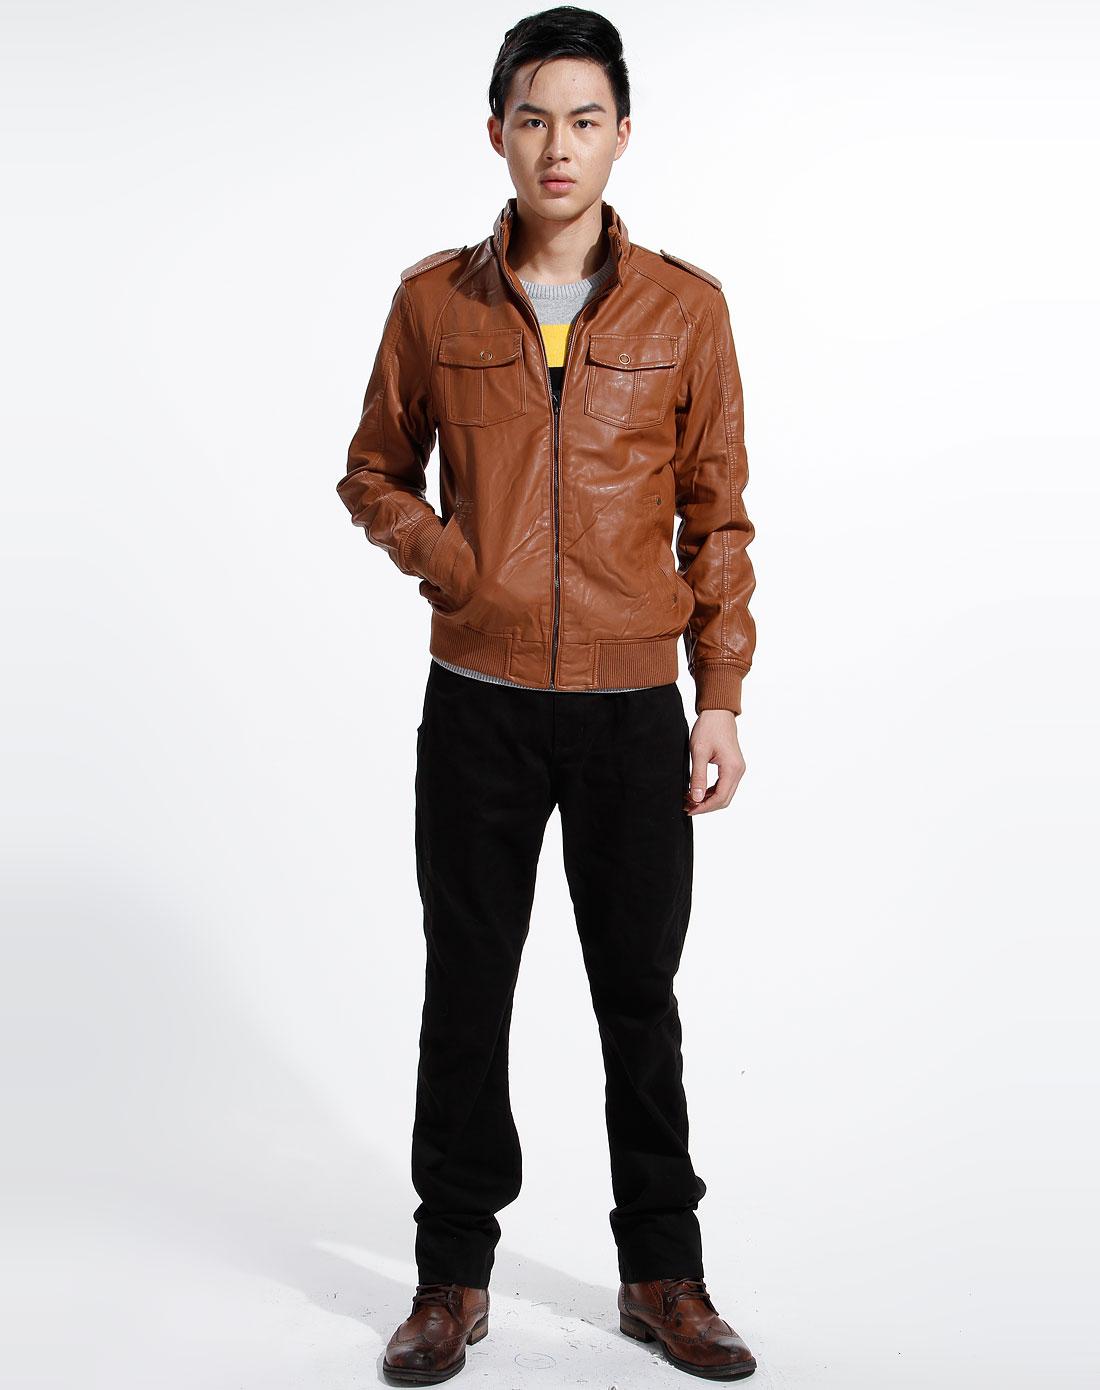 唐狮tonlion-深卡其色立领时尚长袖皮衣